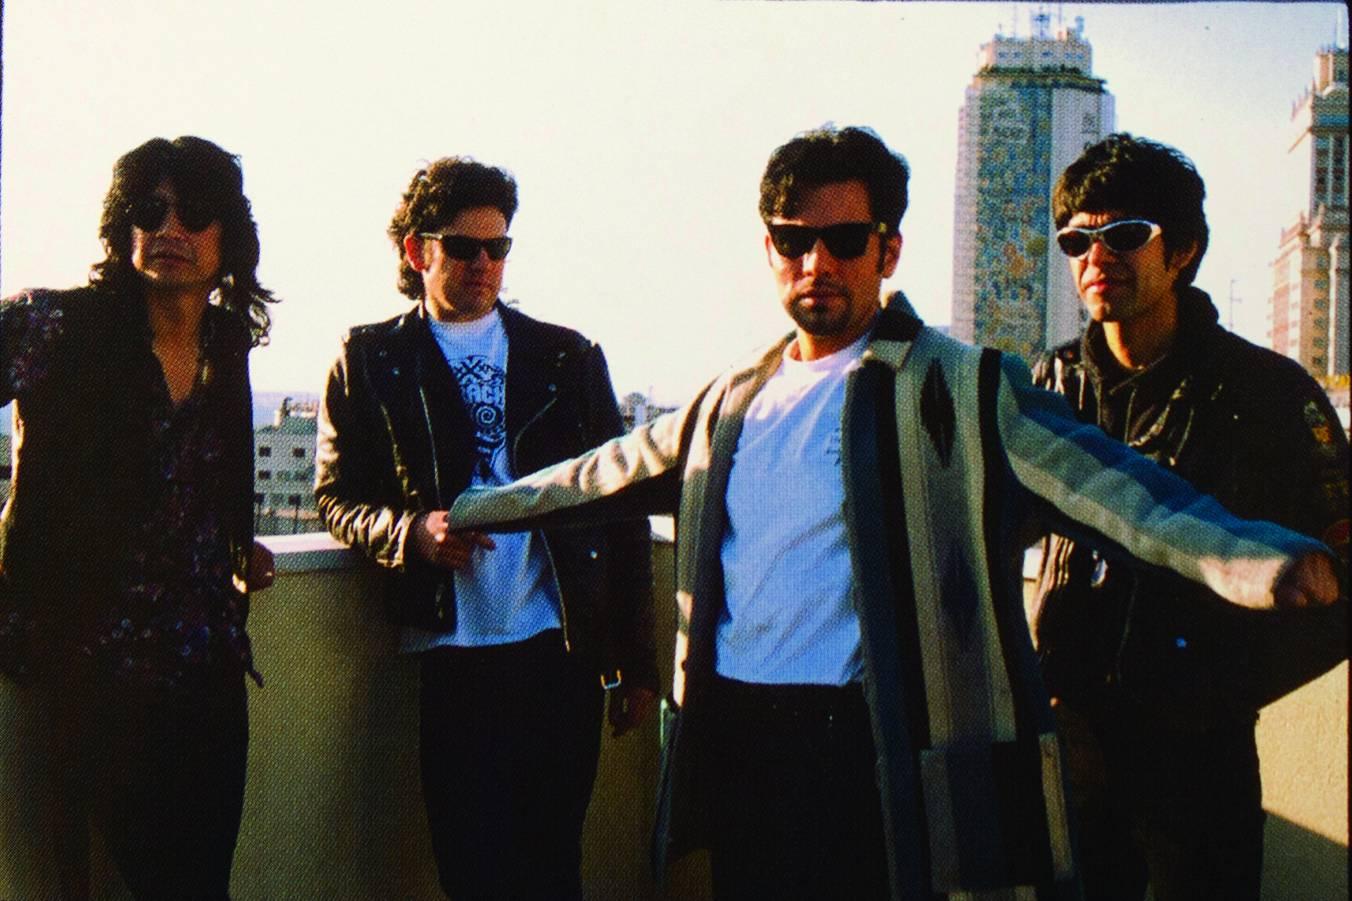 Mexická odpověď na Ramones poprvé v Praze: The Zeros zahrají v Chapeau Rouge